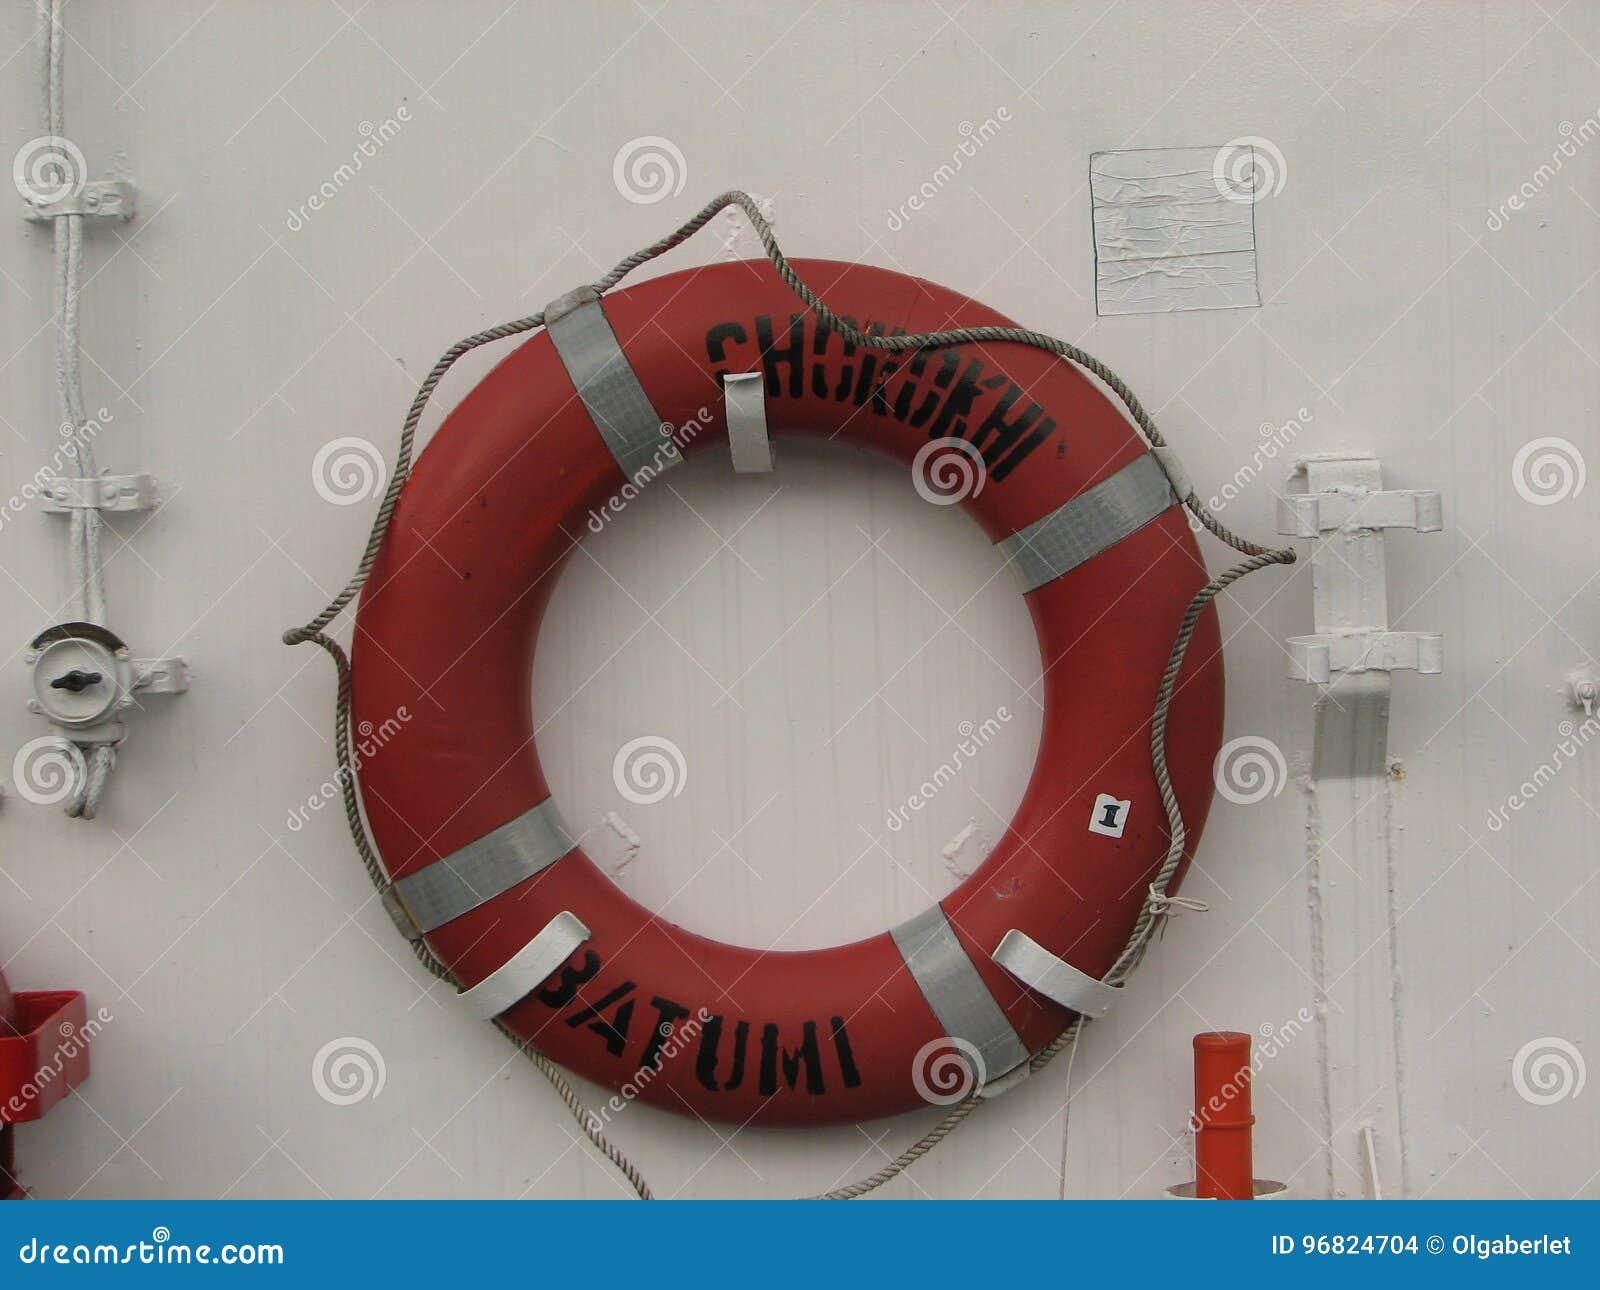 Ringsreddingsboeien op witte boot